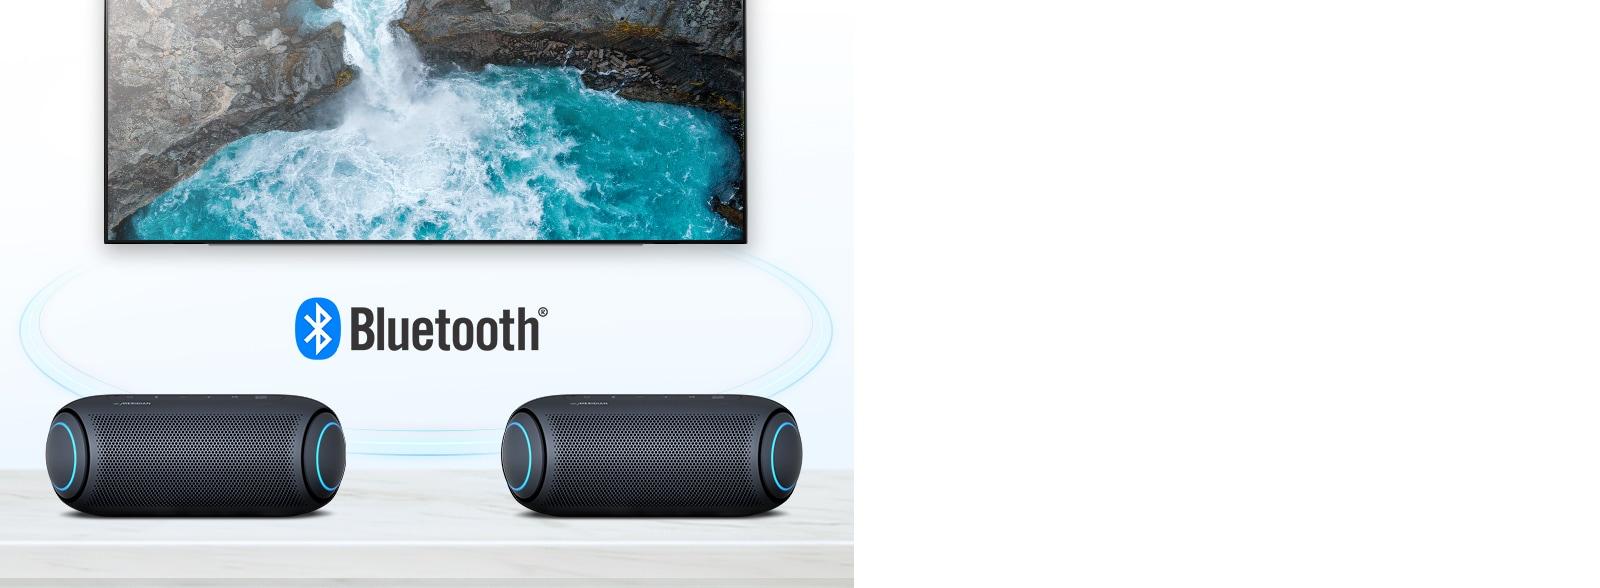 Trên bàn có hai chiếc LG XBOOM Go đèn xanh da trời đặt trước một chiếc TV đang phát hình thác nước.